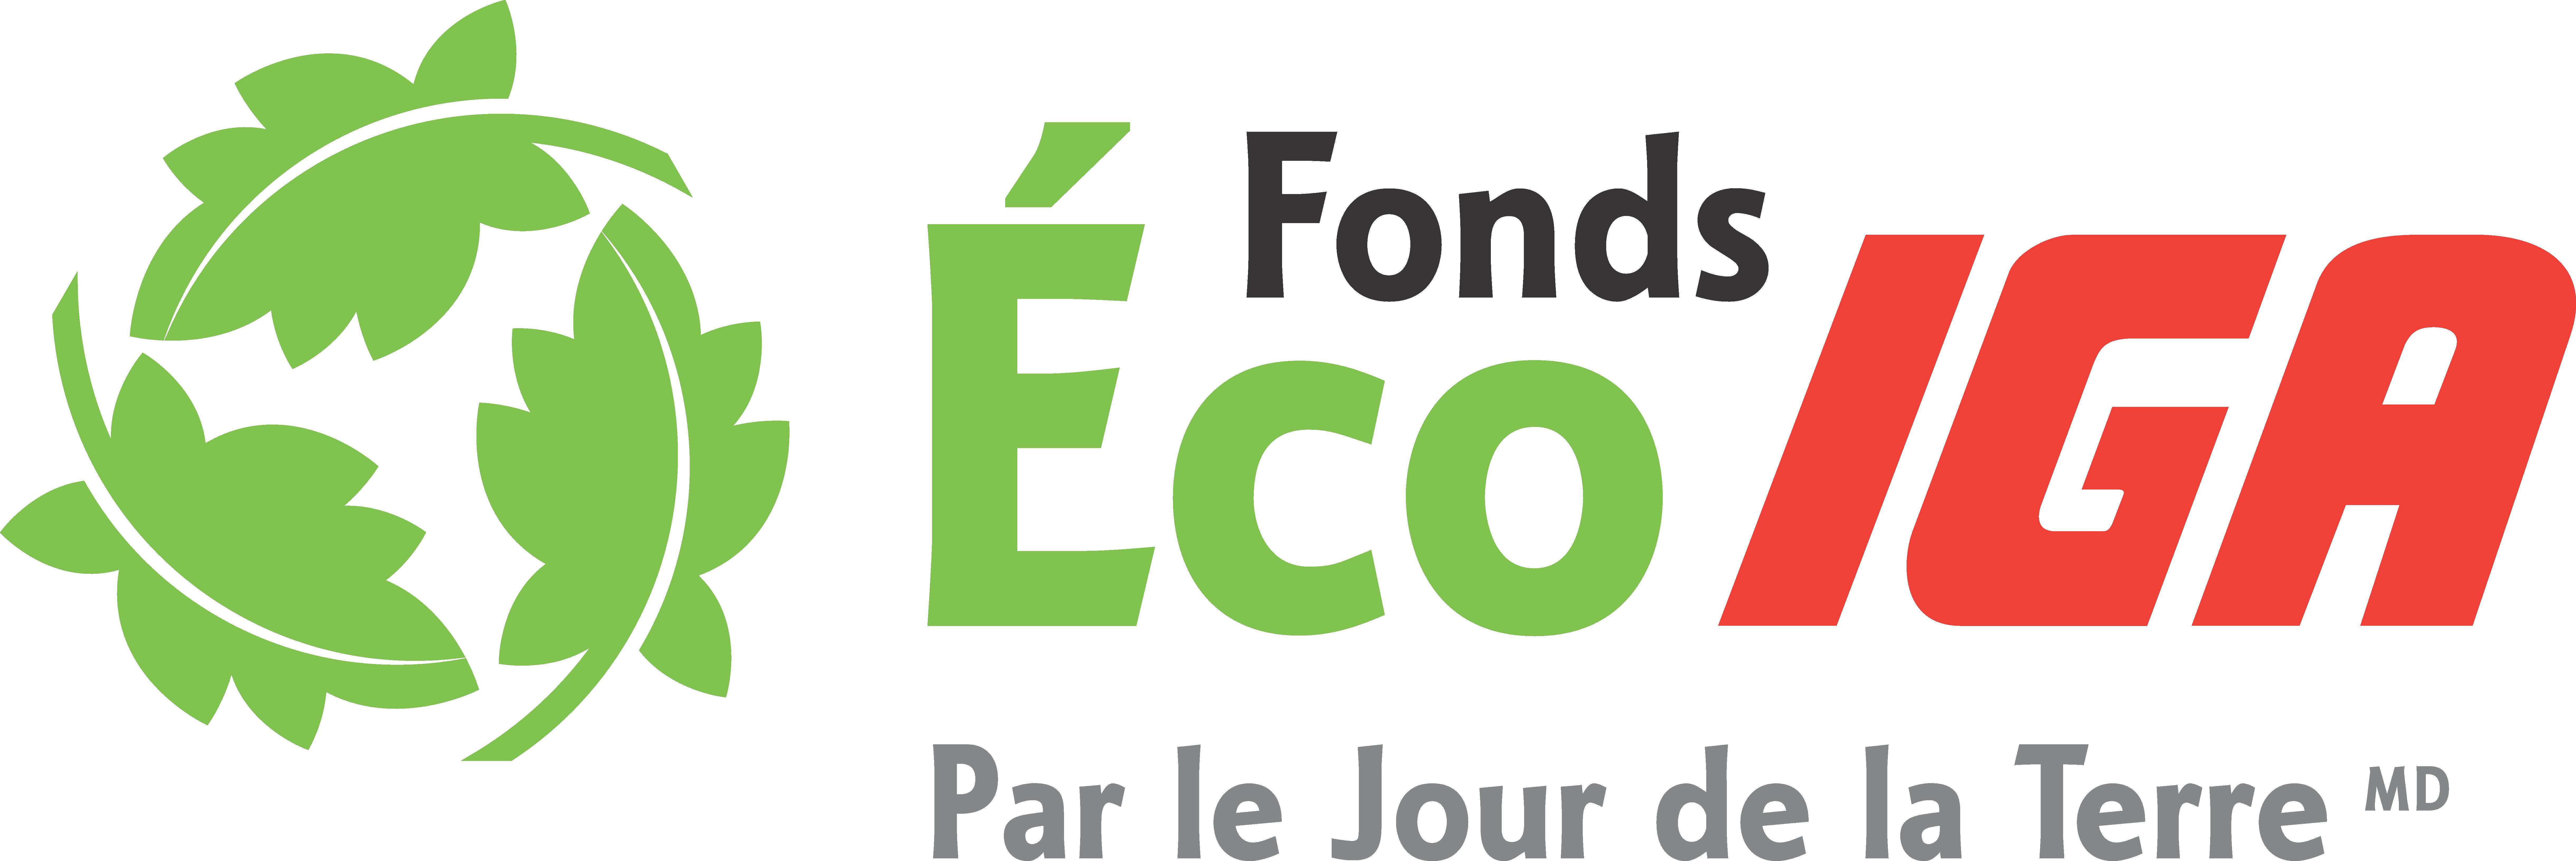 LogoFondsEcoIGA